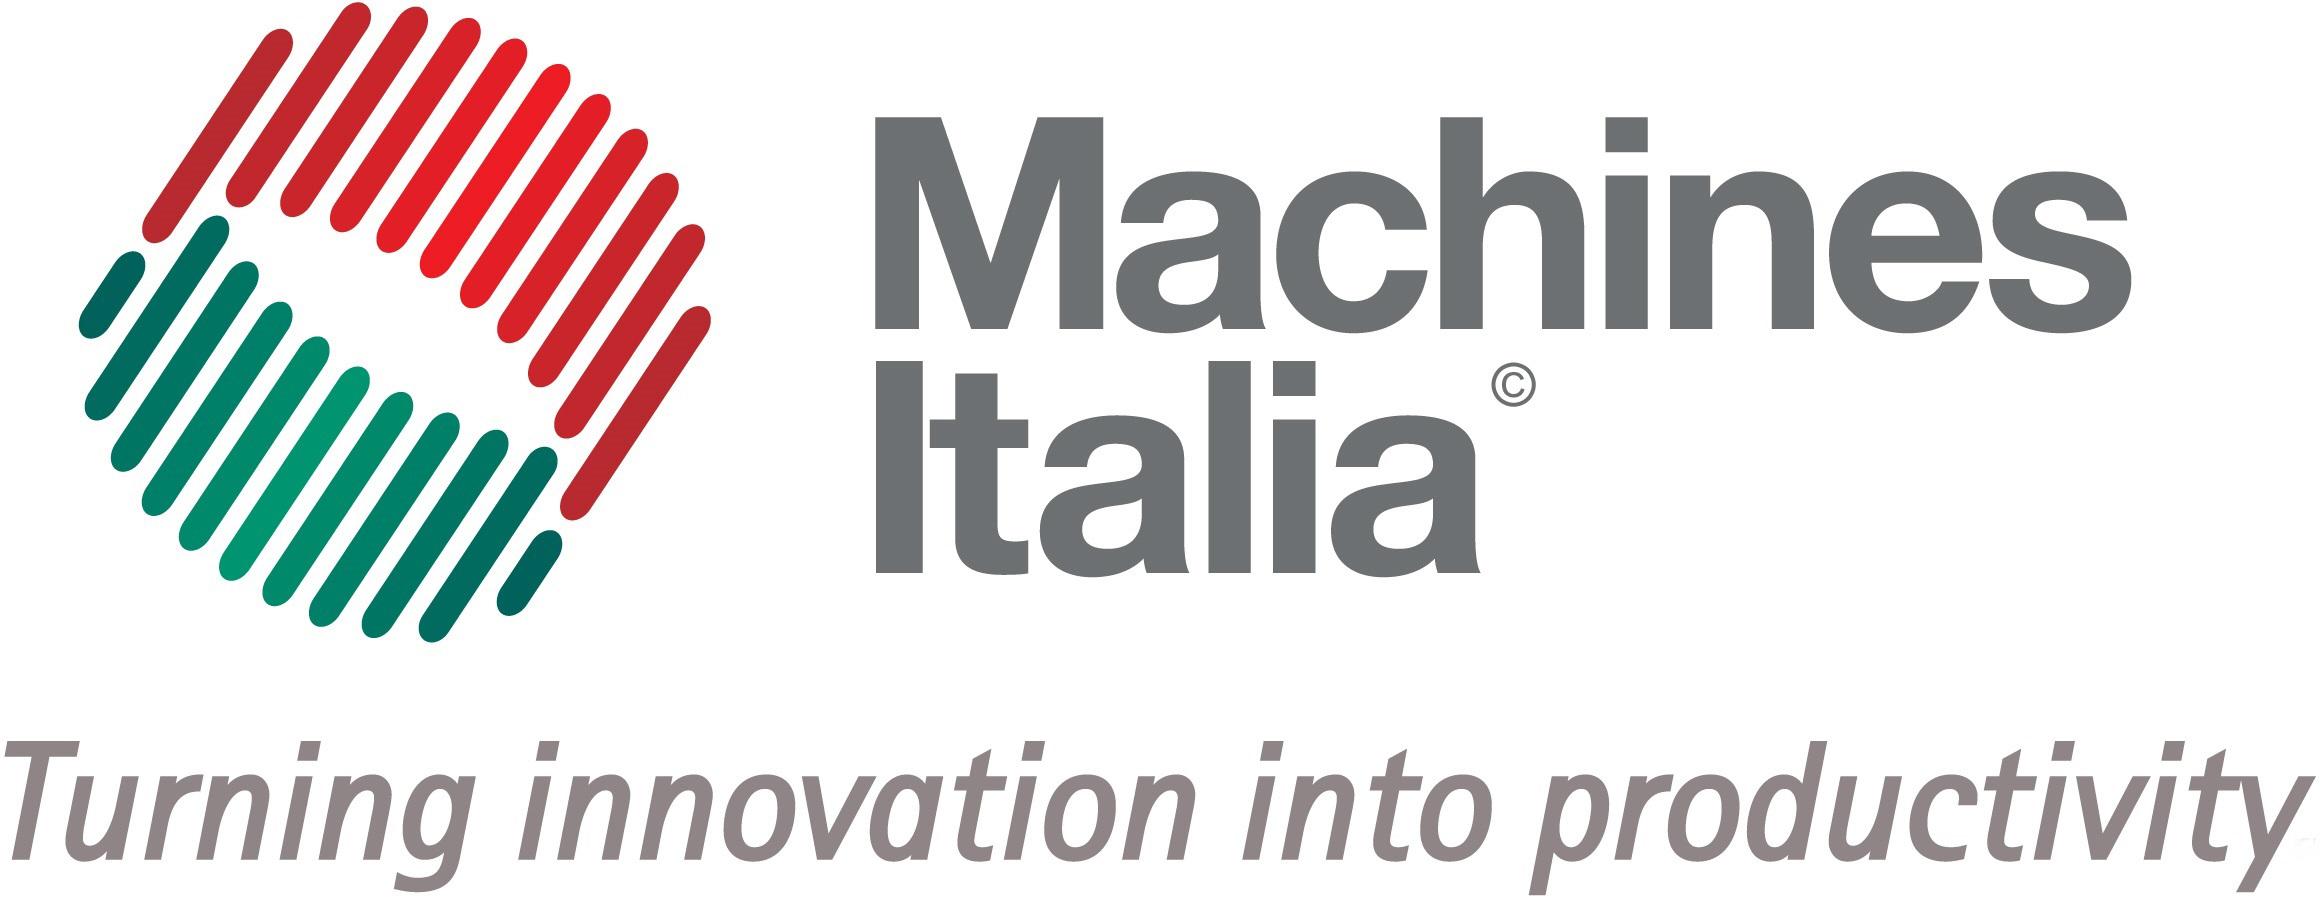 Machines Italia 448x300